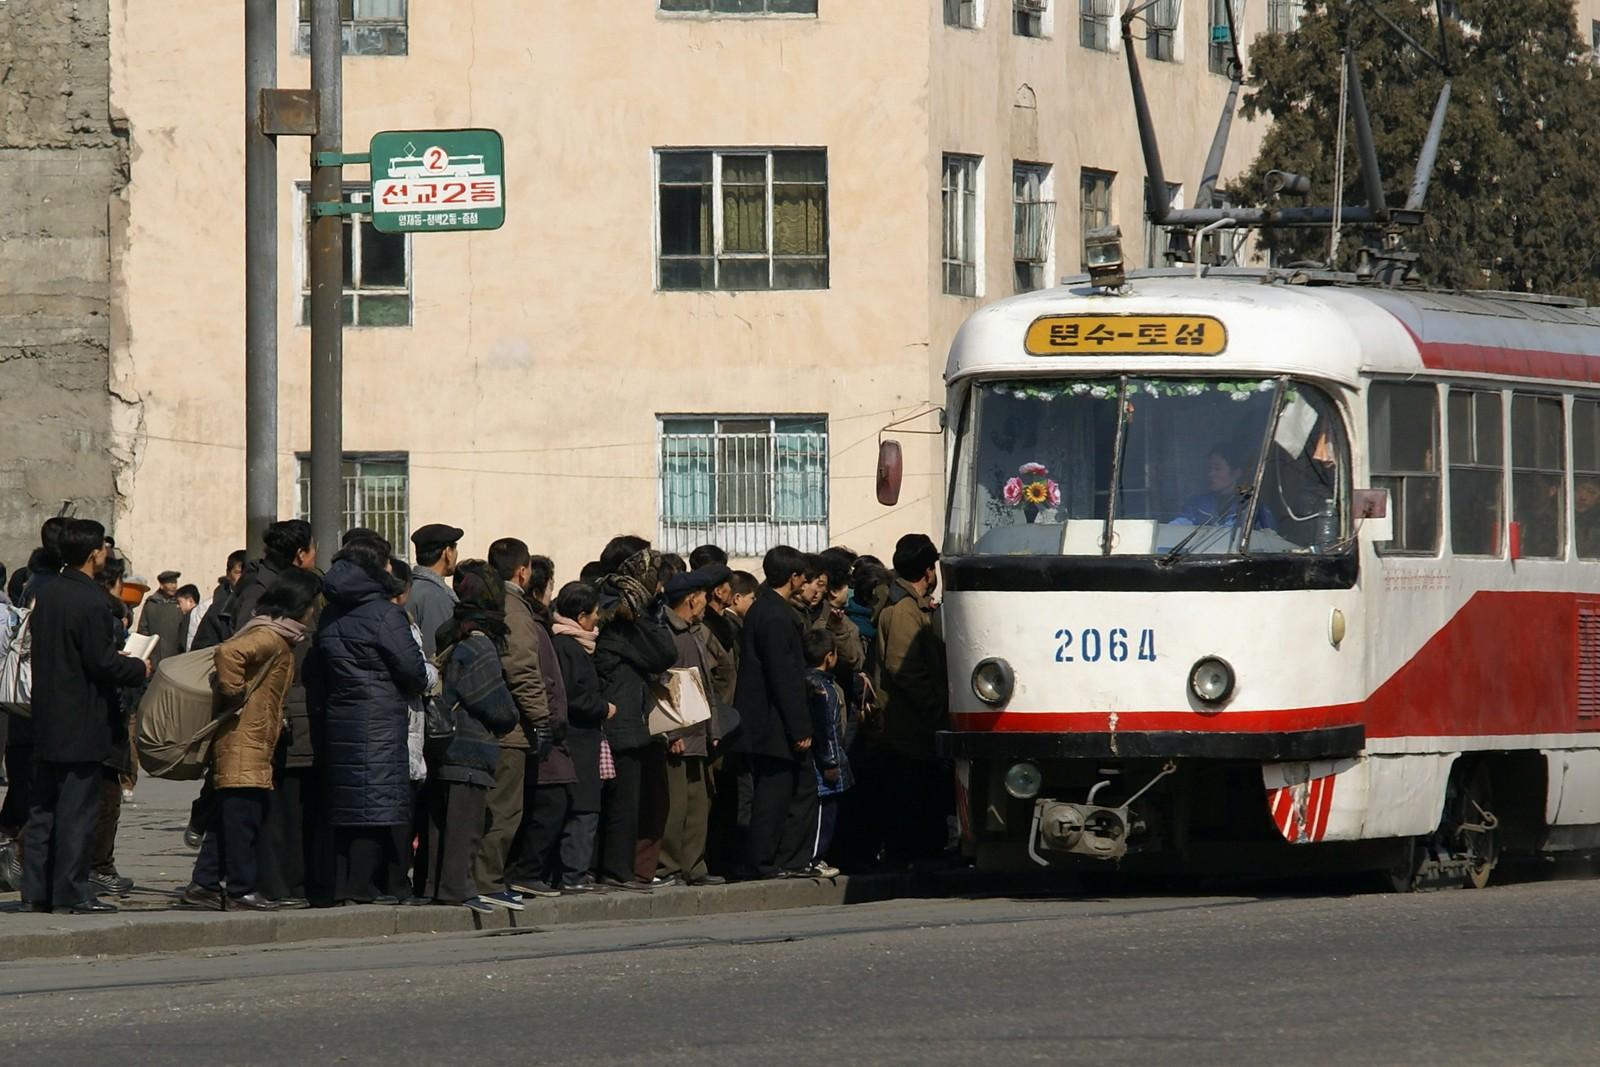 Pyongyang tram stop